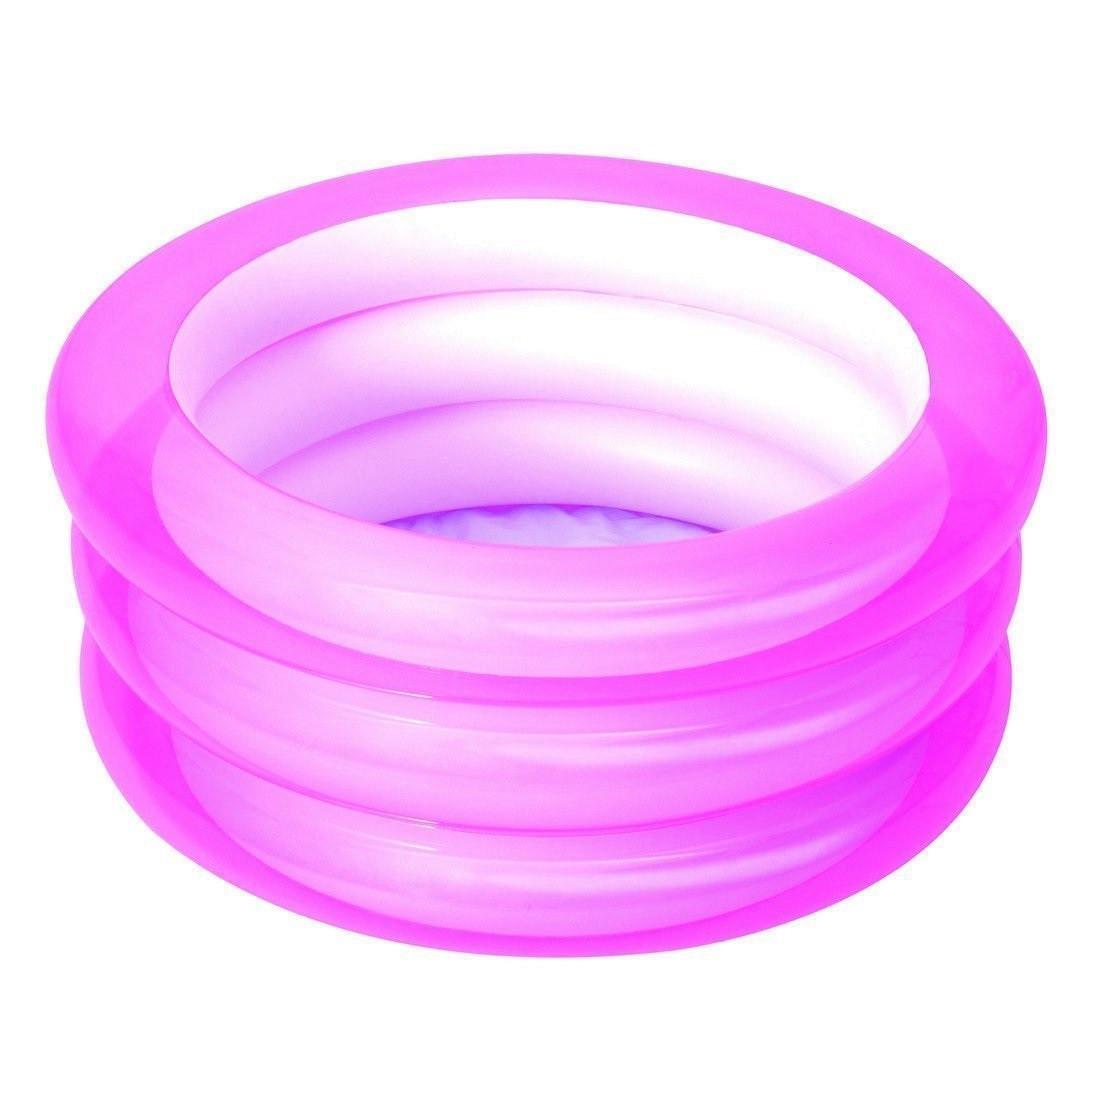 Детский надувной бассейн BestWay 51033, розовый, 70 х 30 см